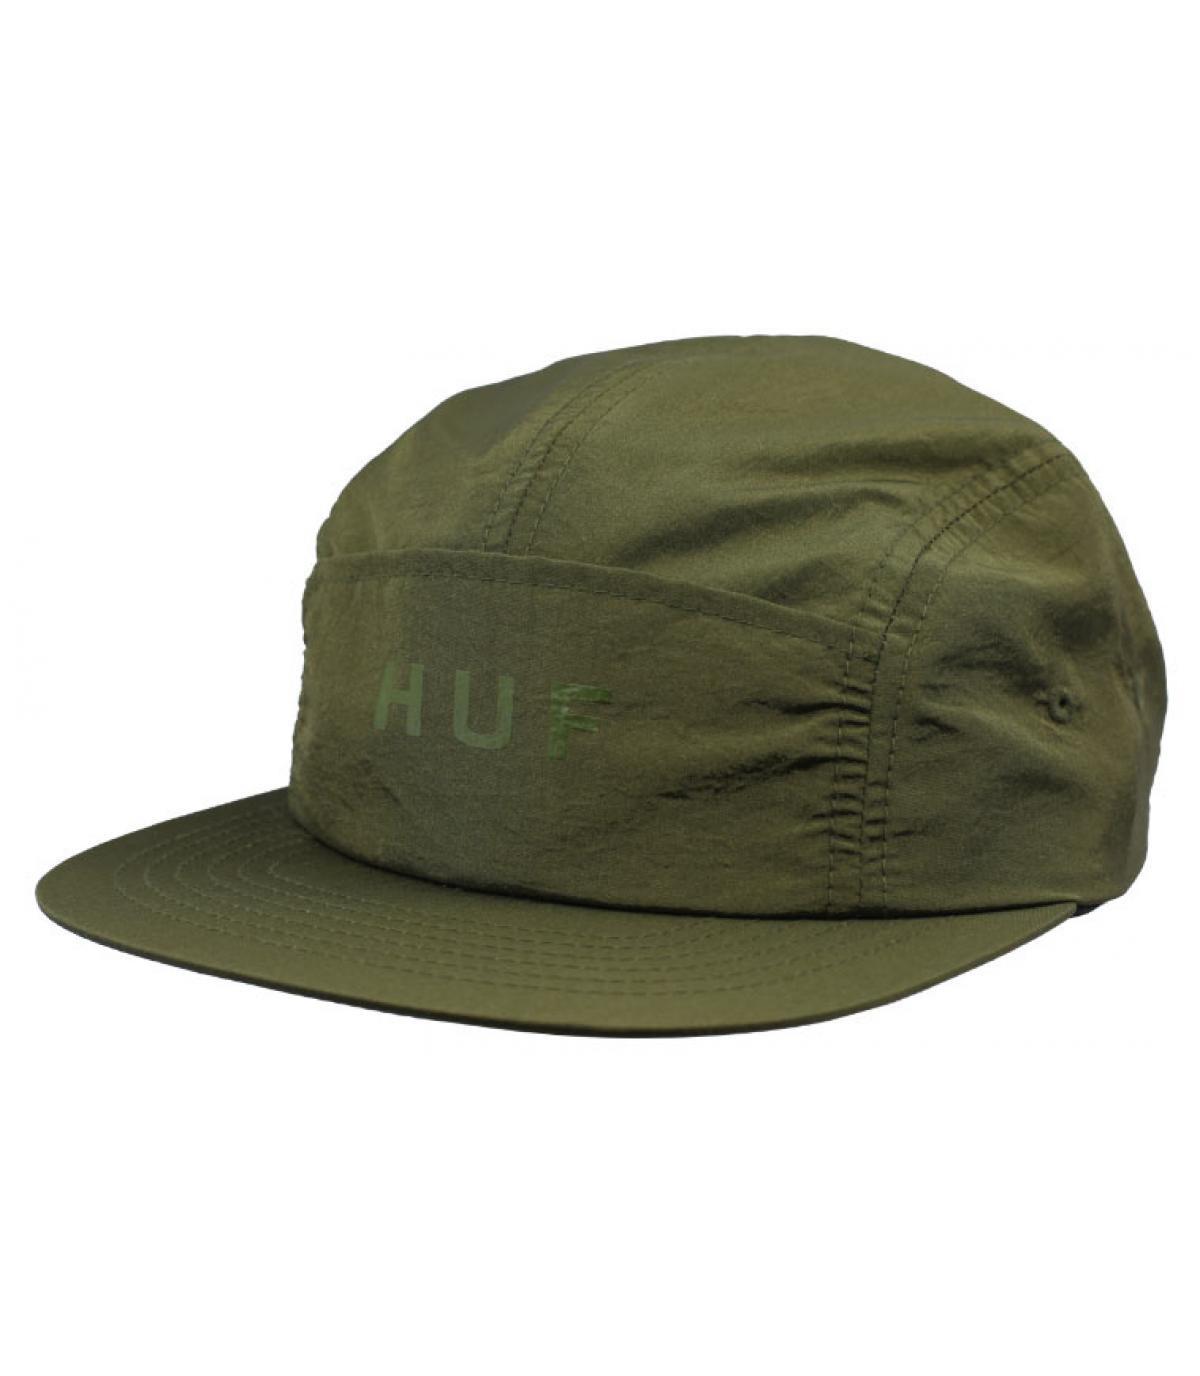 kap 5 groen paneel Huf